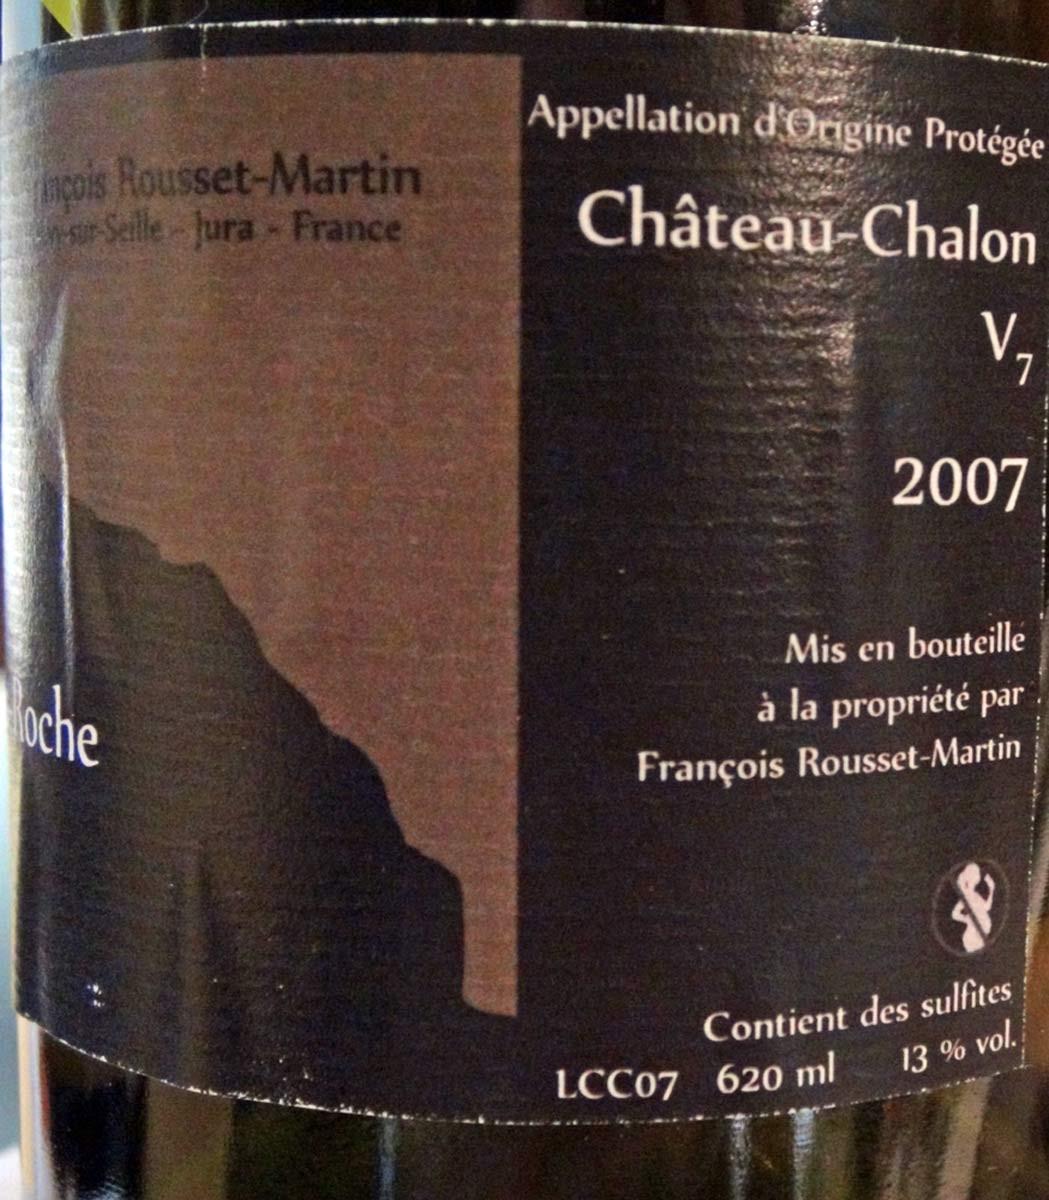 Château-Chalon 2007 de François Rousset-Martin